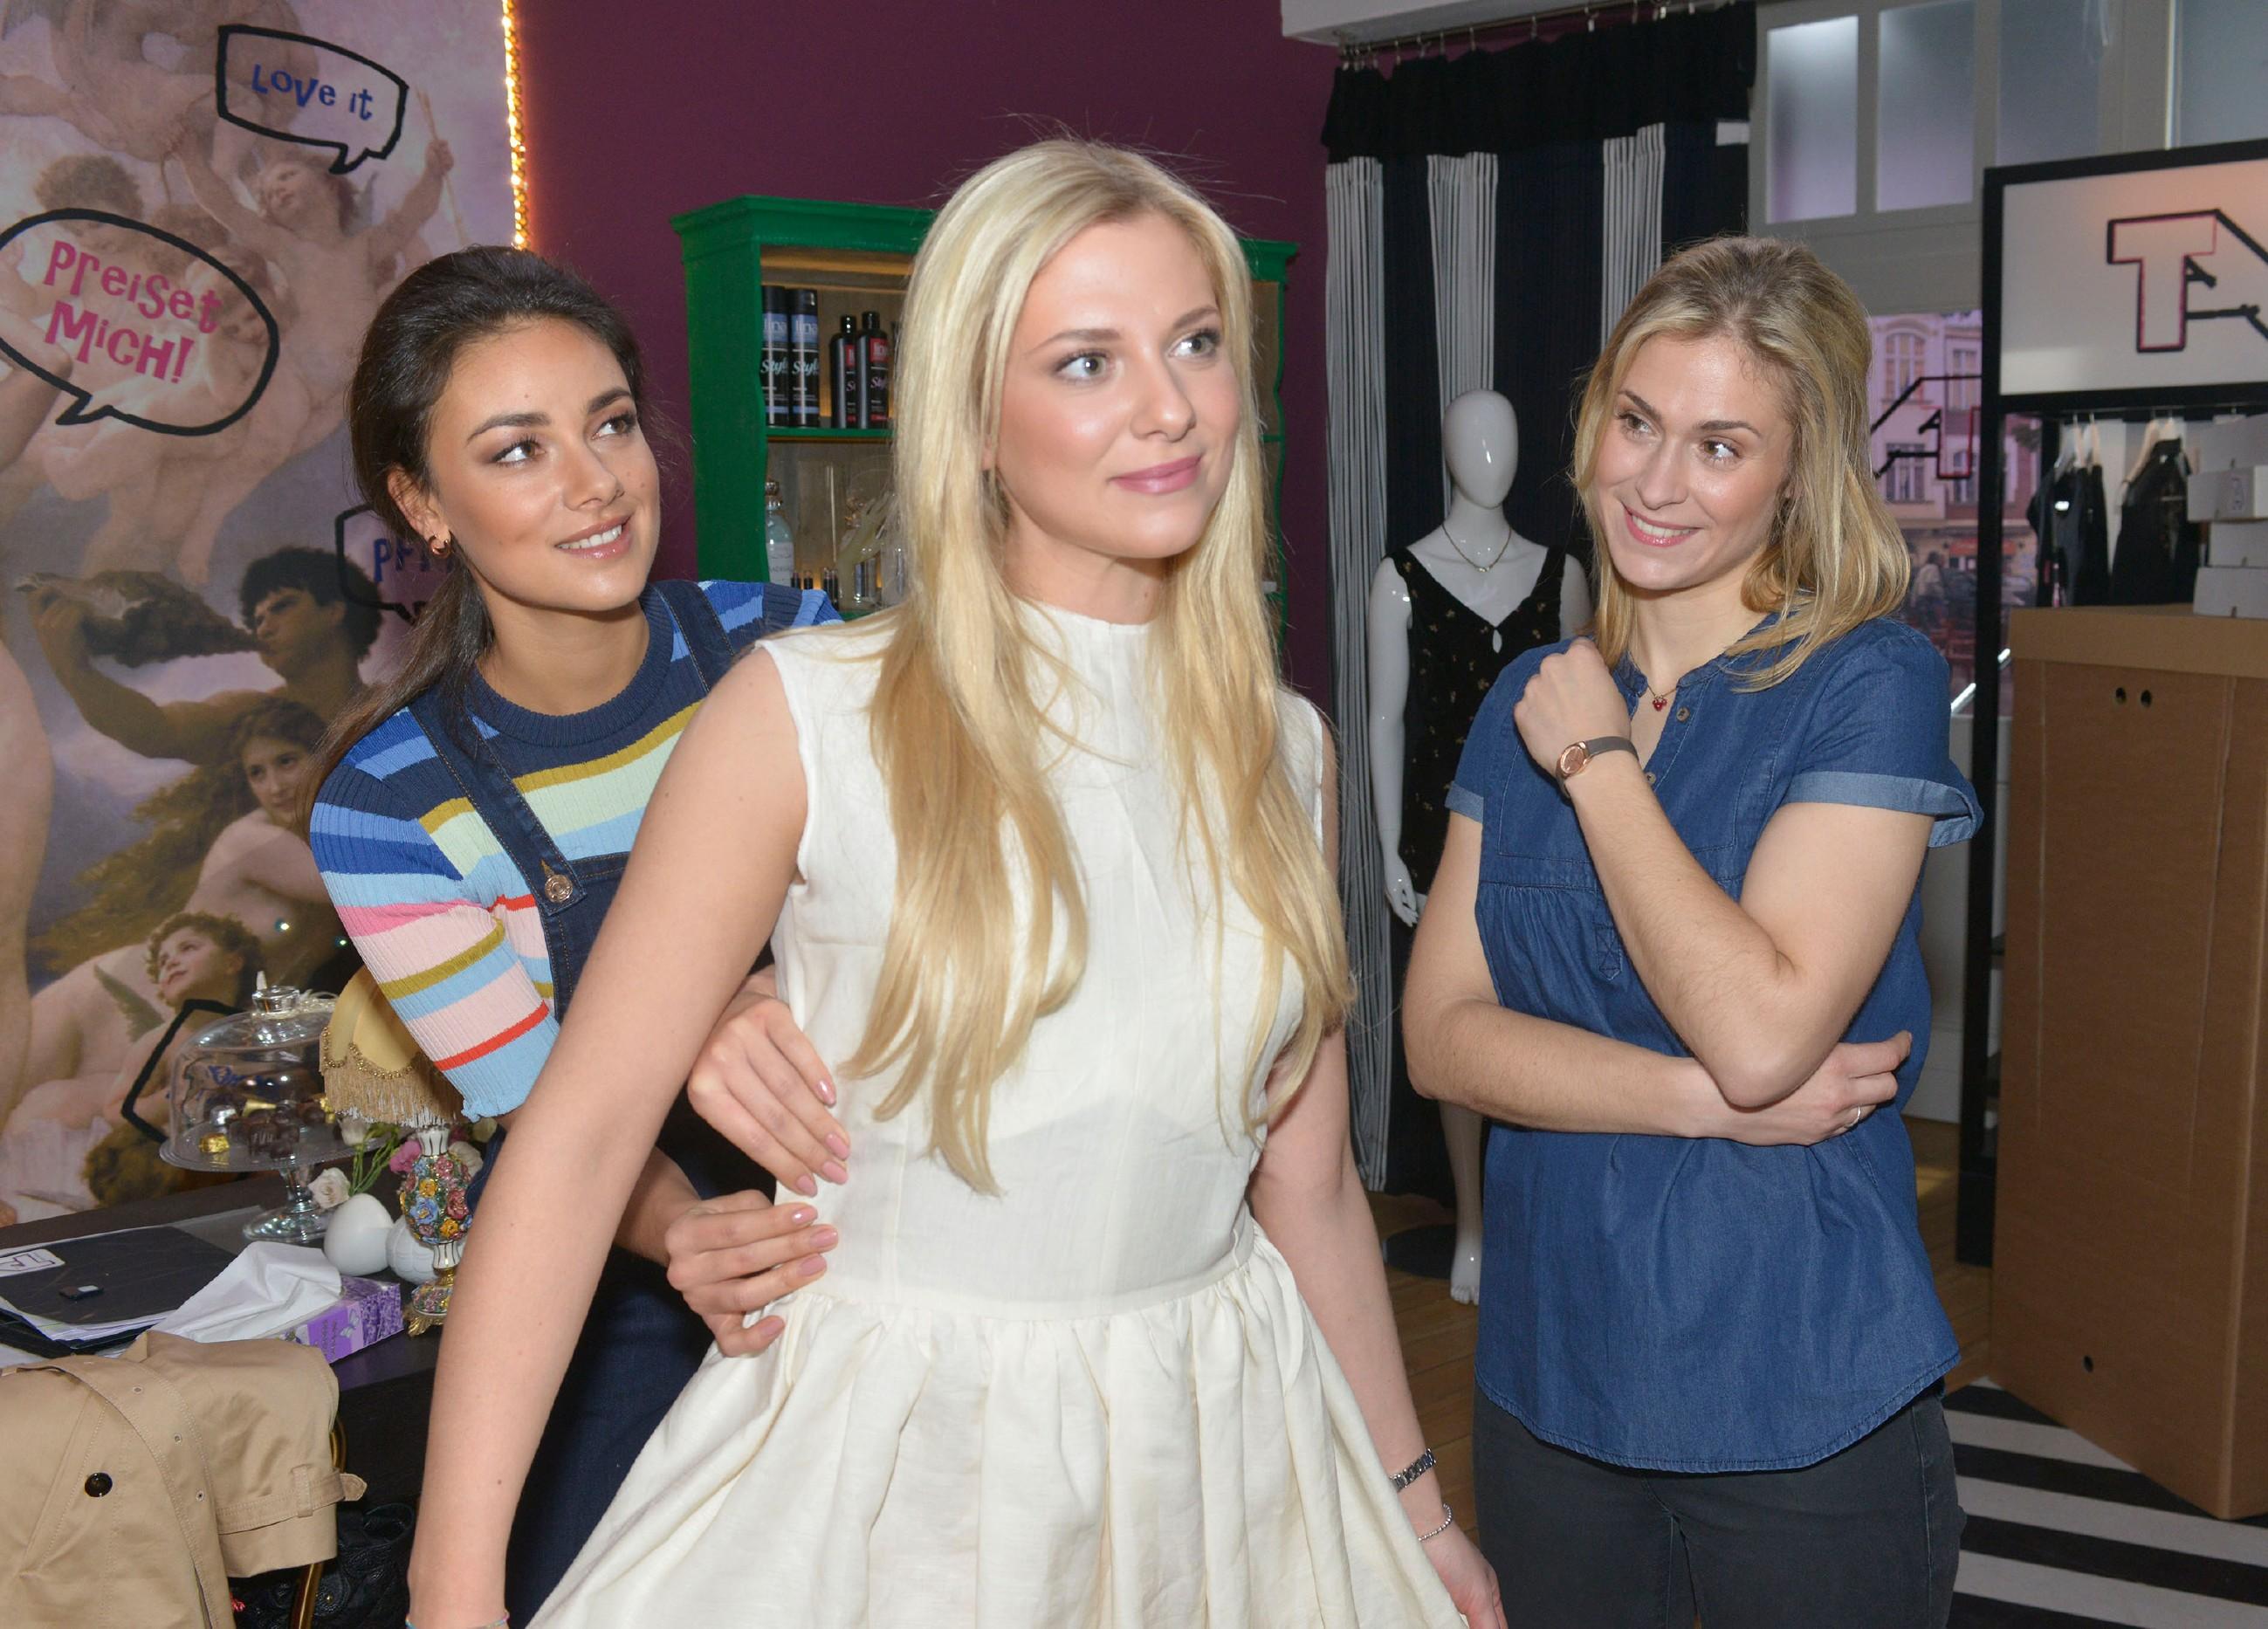 Bei einer Kleider-Anprobe sprechen Jasmin (Janina Uhse, l.) und Sophie (Lea Marlen Woitack, r.) mit Sunny (Valentina Pahde) über Vince und die bevorstehende Hochzeit. (Quelle: RTL / Rolf Baumgartner)